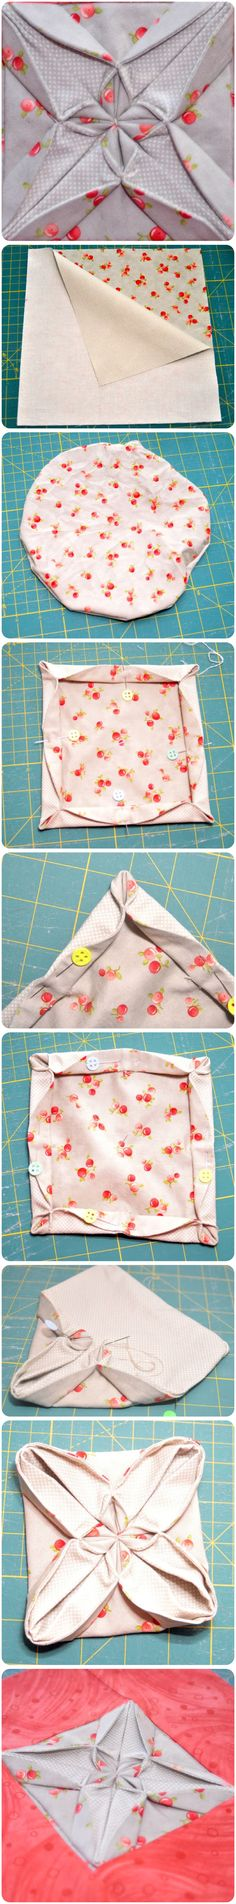 Fabric origami tutorial - quilt block